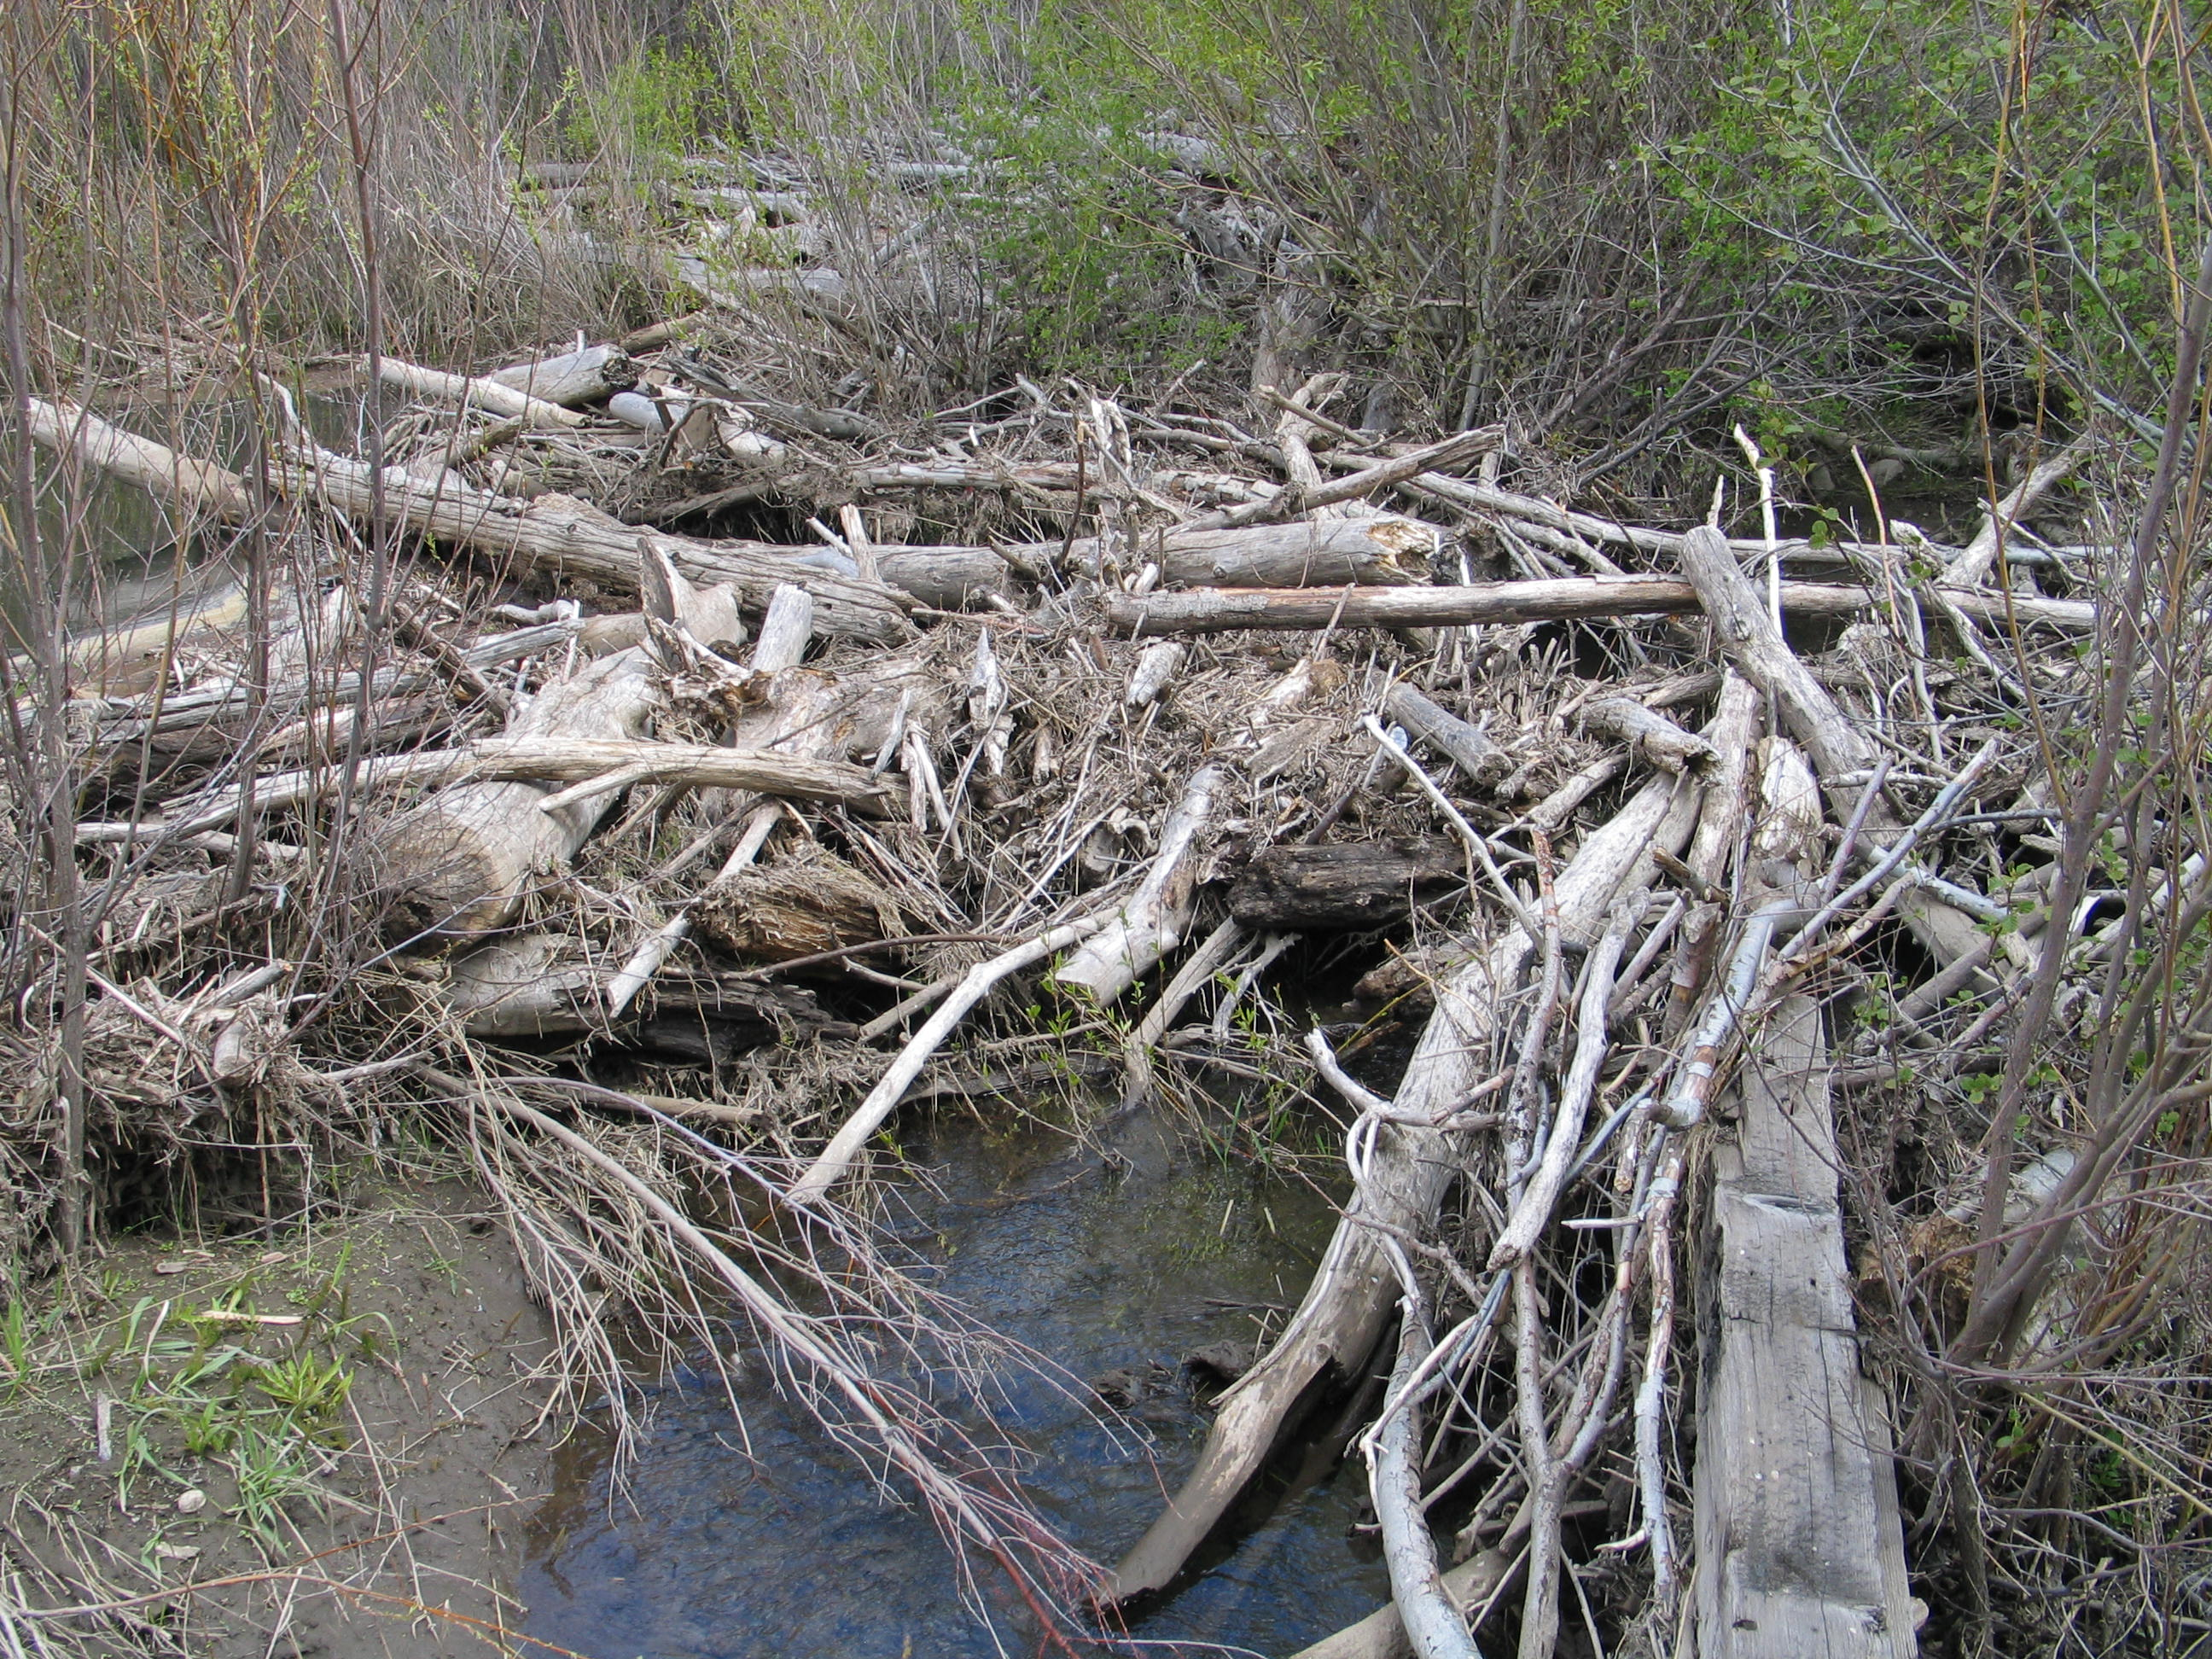 Umtanum Creek beaver dam 05-07-11 Raines 7673